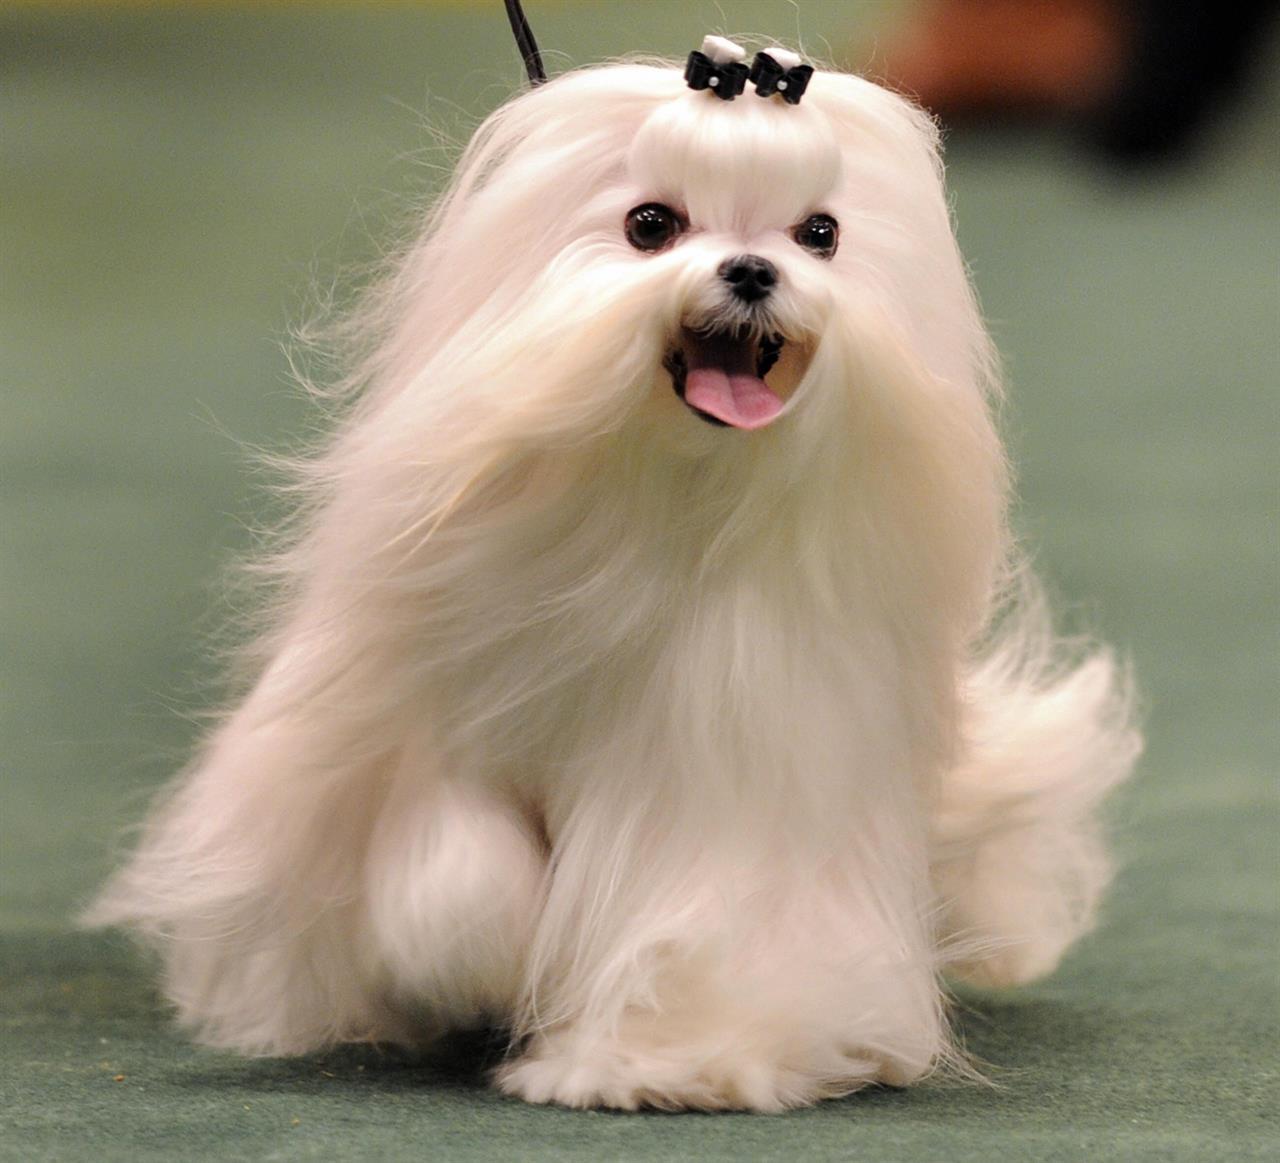 Morsorosso razze canine che non perdono pelo - Barboncino piccolo ...